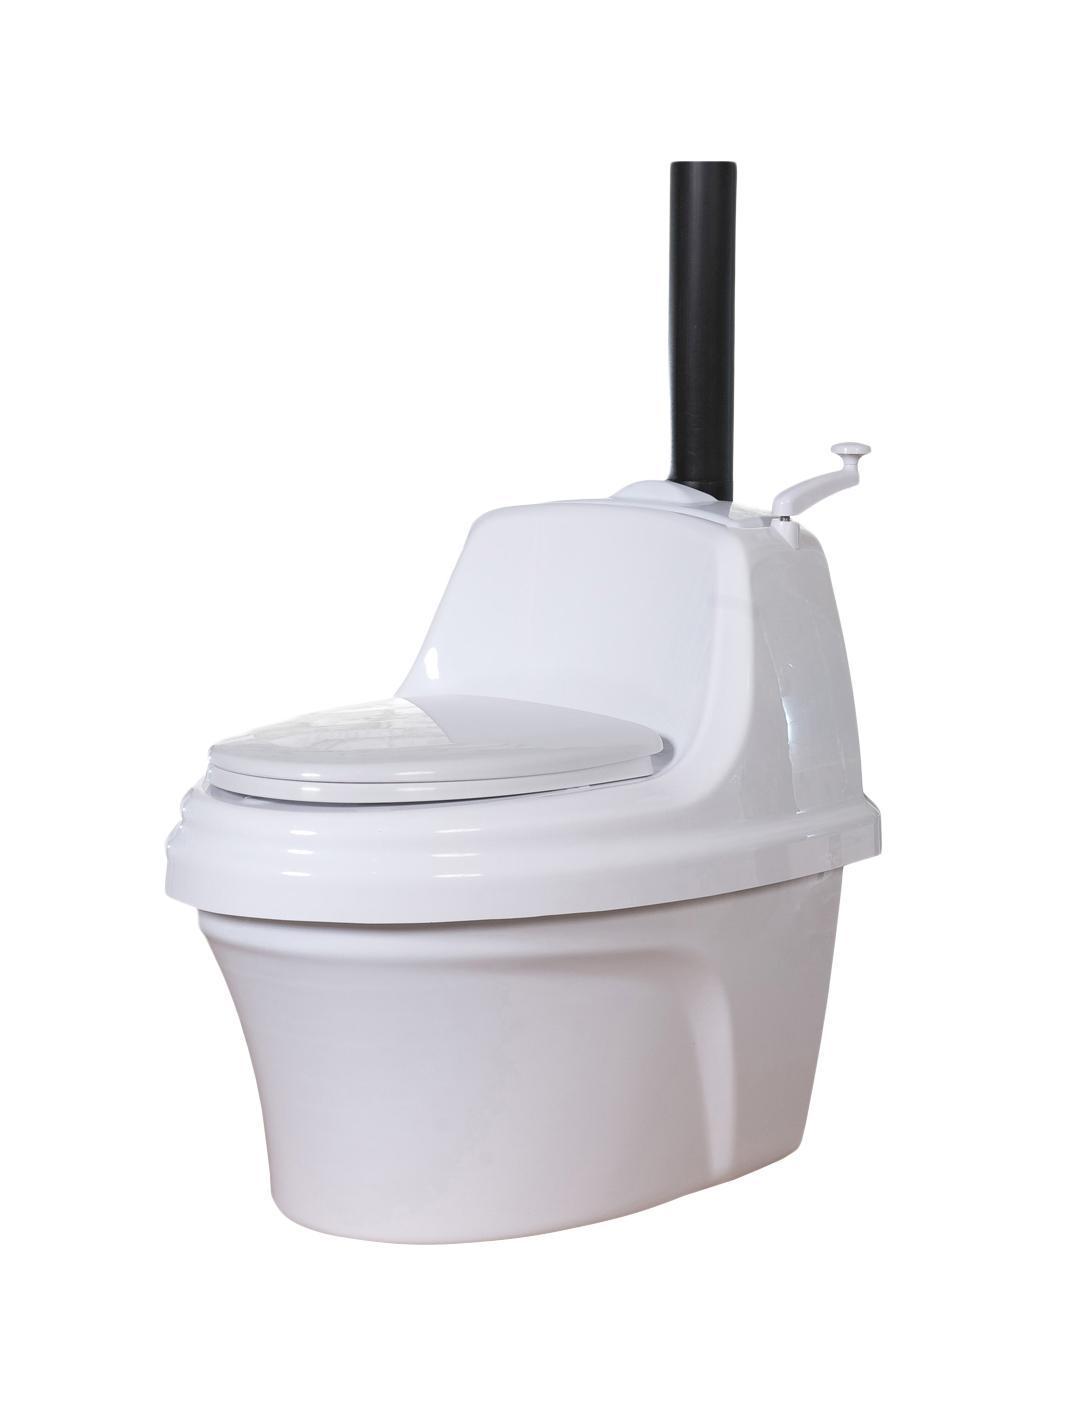 Биотуалет Piteco 200GR Pink 0.95Торфяной биотуалет Piteco - это автономный компостирующий туалет, которому не требуется подсоединения к системе канализации и водоснабжения. Конструкция биотуалета разработана с целью создания максимально благоприятных условий для компостирования органических отходов. Изготовлен из сантехнического пластика (акрила), оснащен дренажной системой с фильтроэлементом.